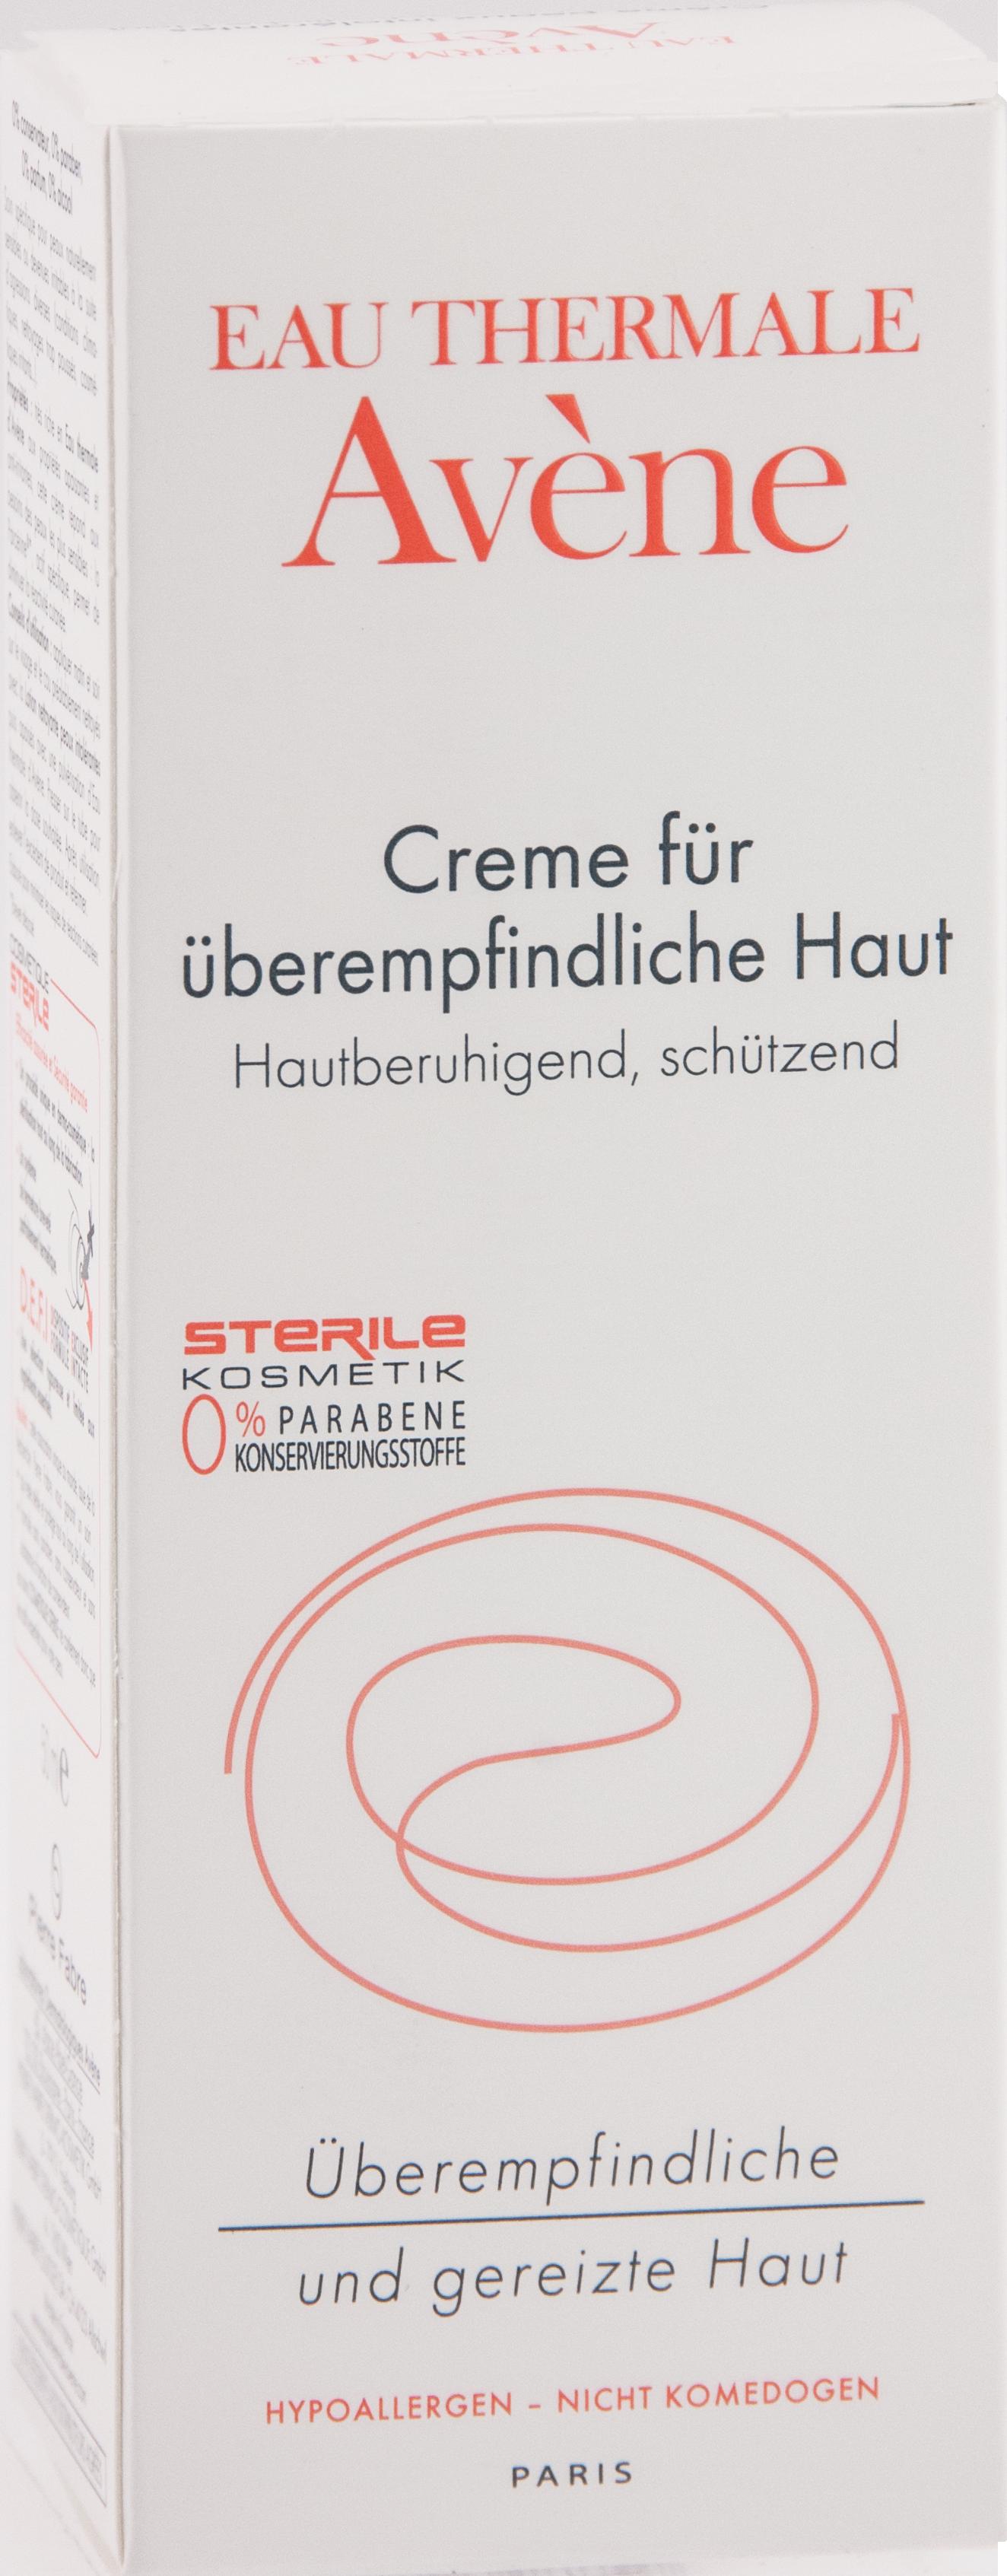 AVENE Creme für überempfindliche Haut DEFI